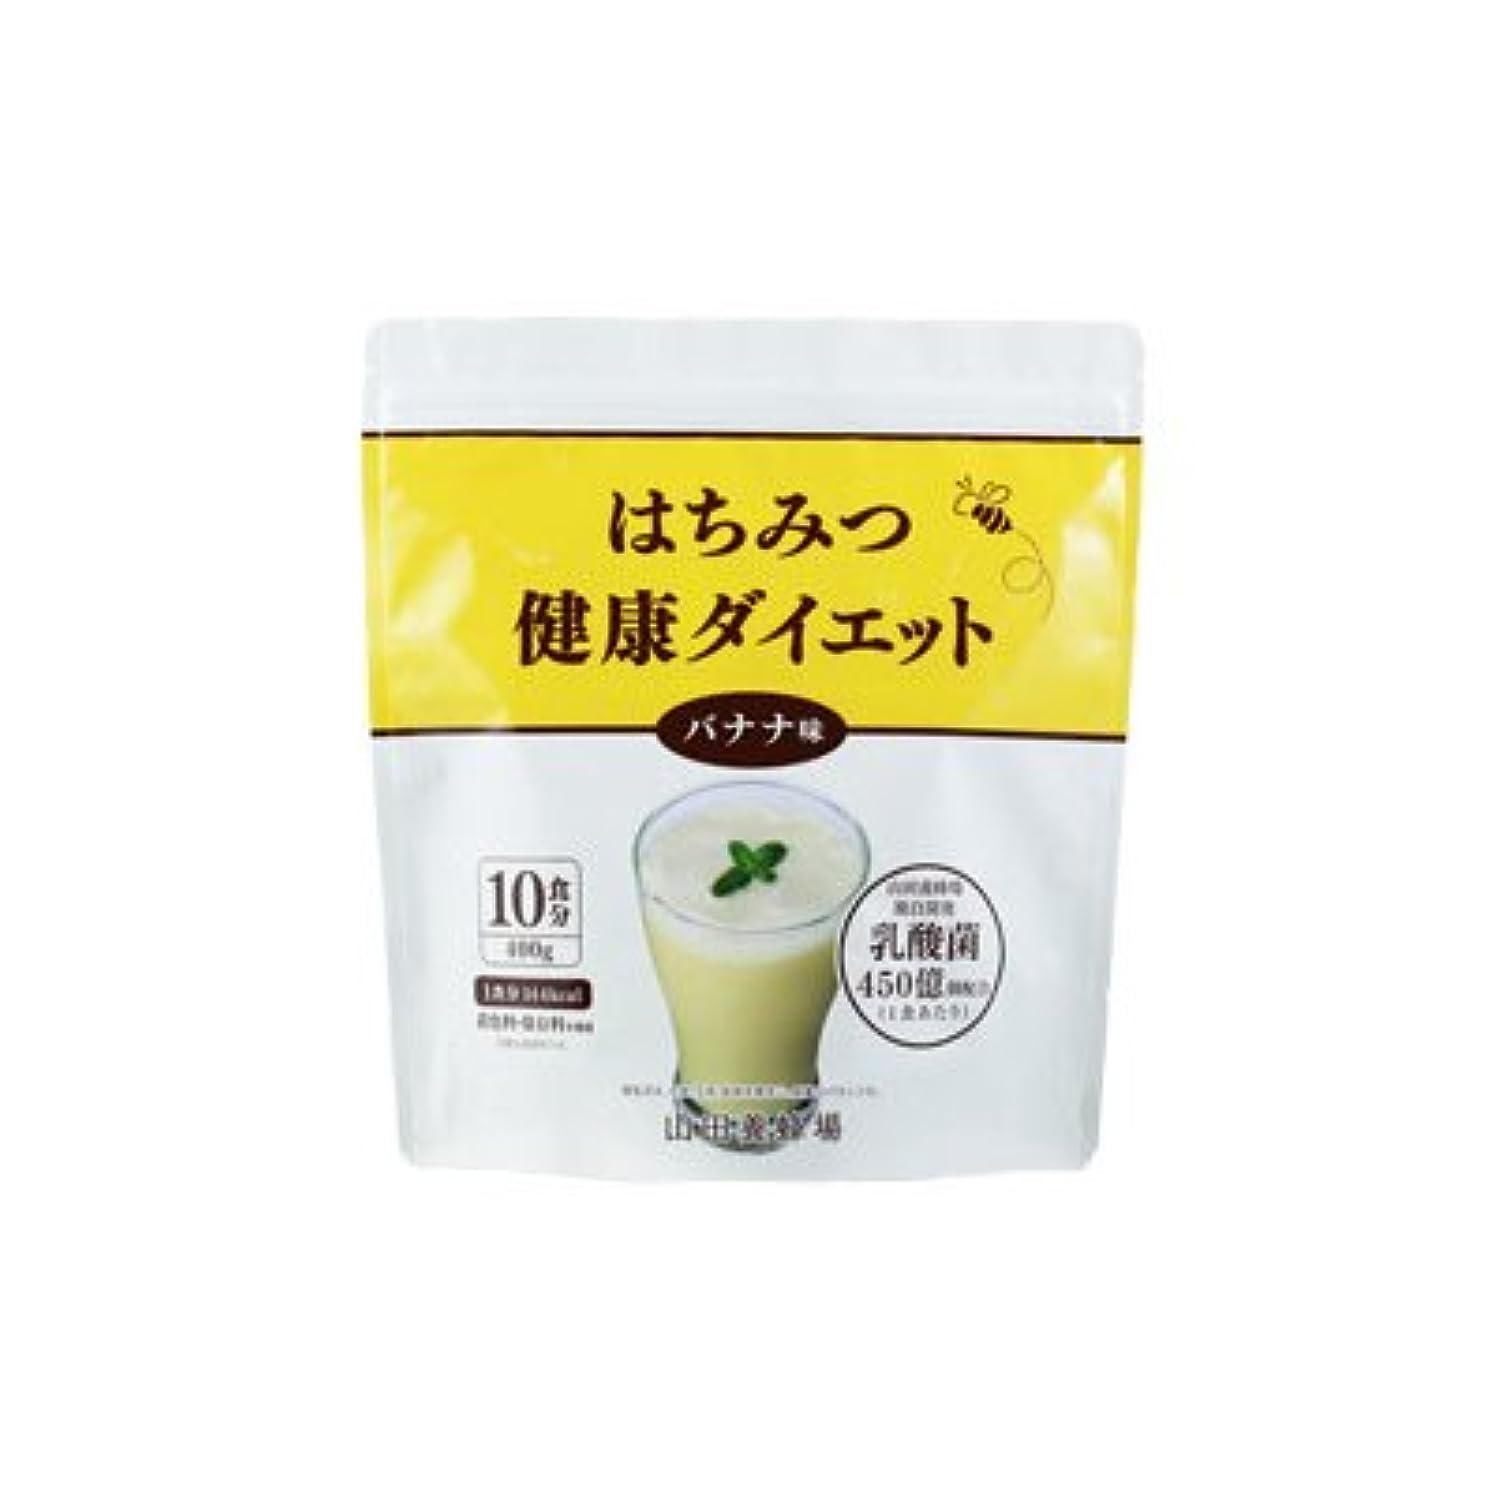 びっくりしたパノラマ南はちみつ健康ダイエット 【バナナ味】400g(10食分)